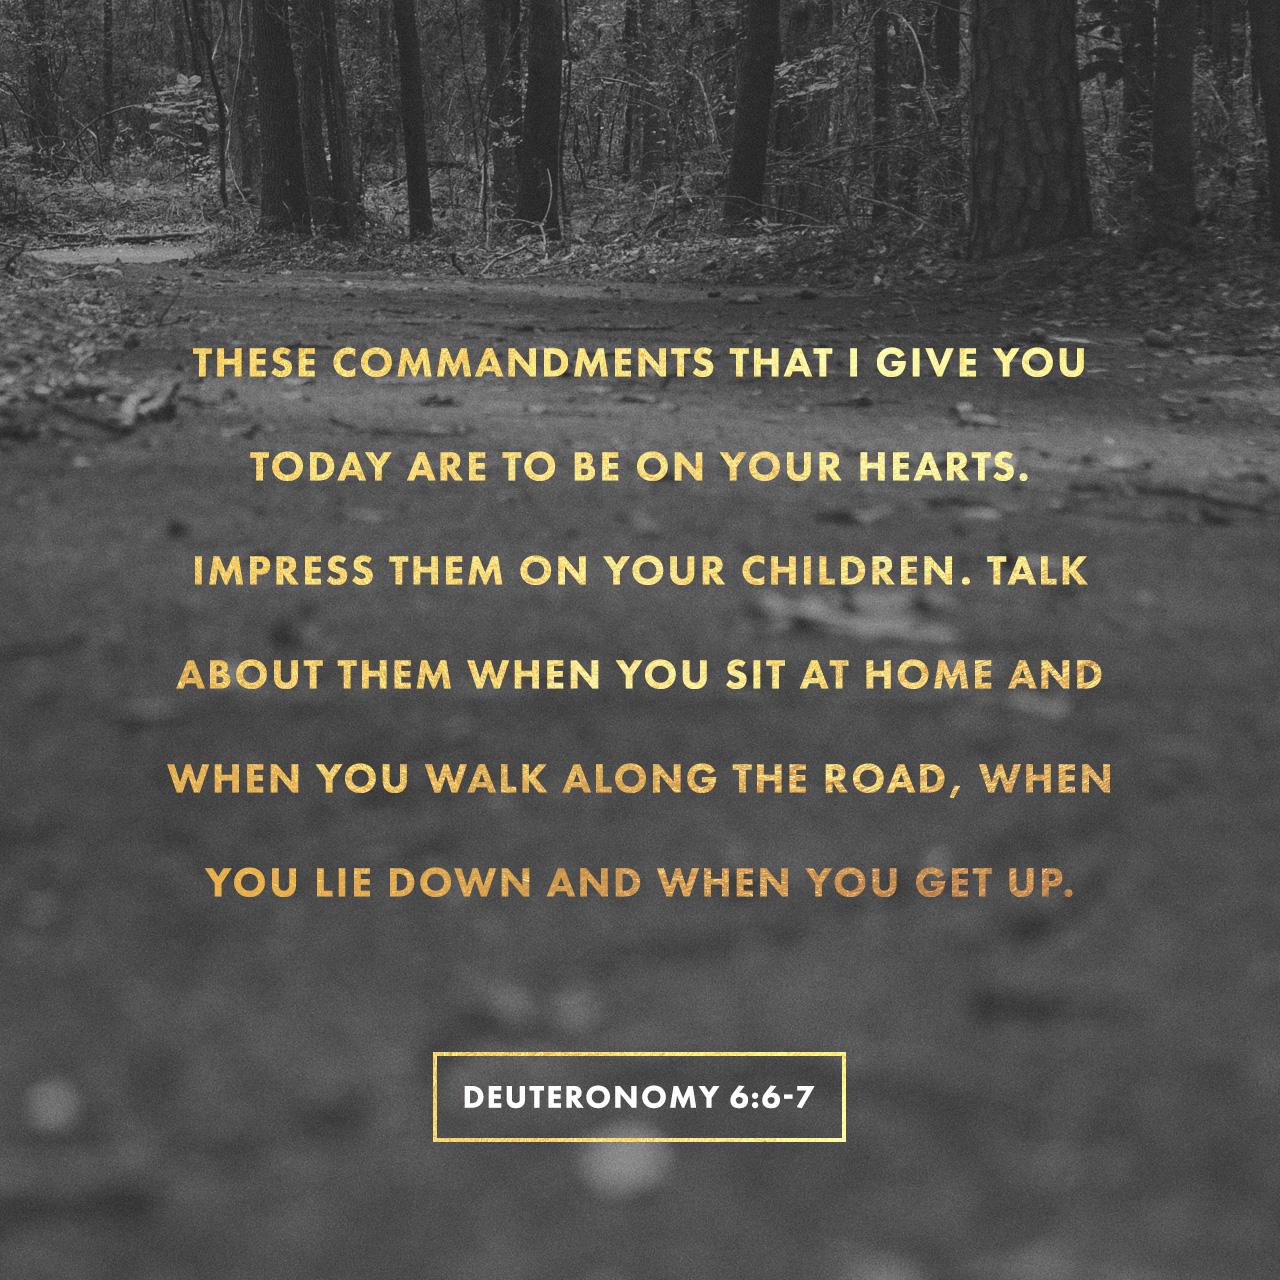 Deuteronomy 6:6